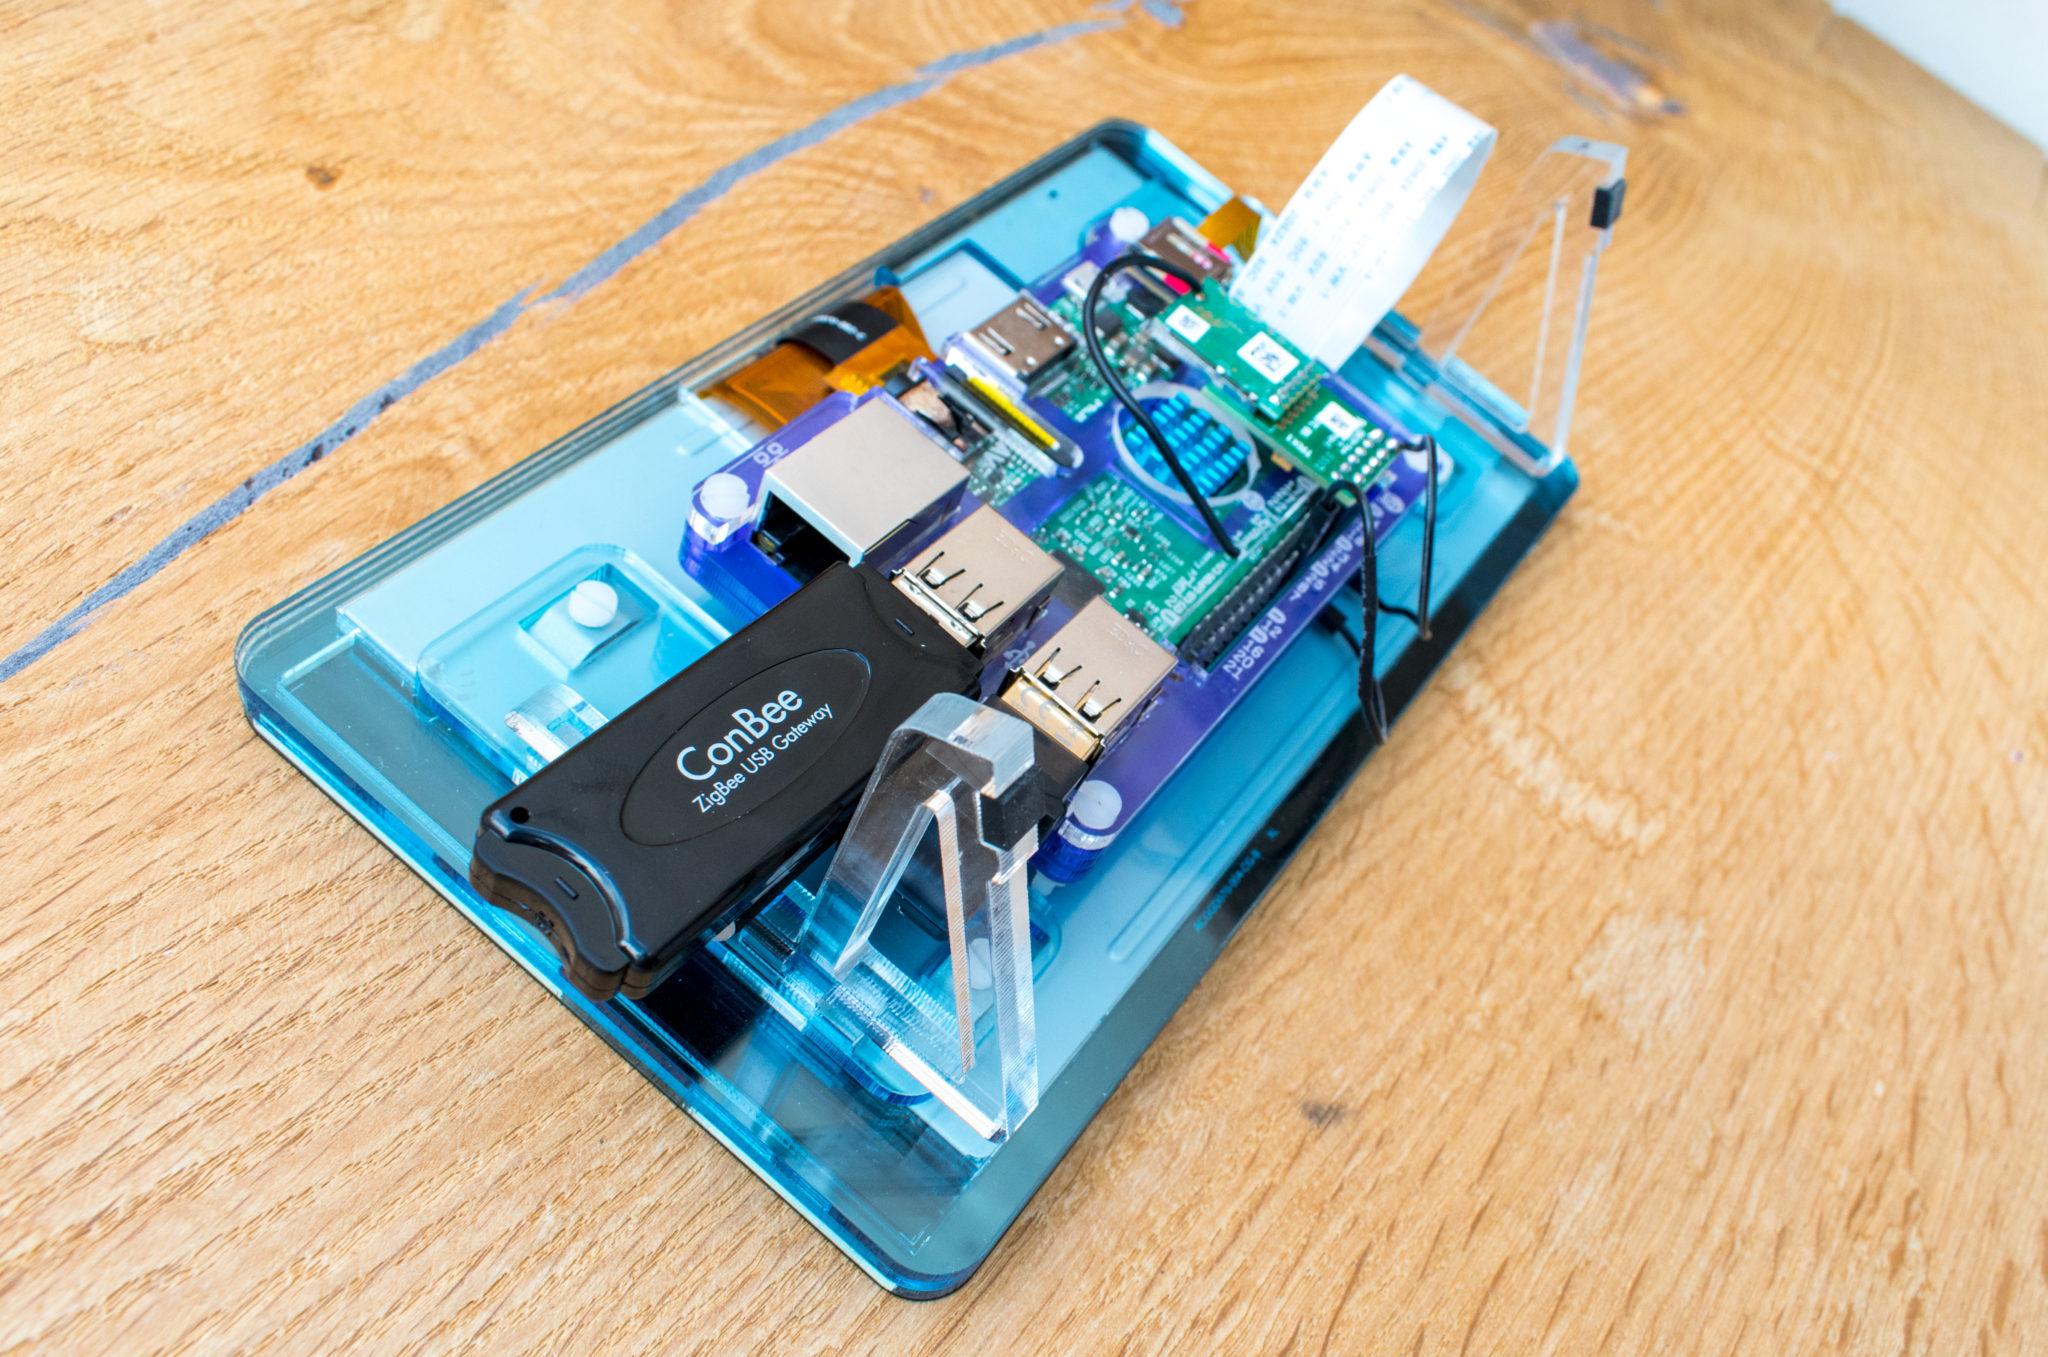 Raspberry von hinten mit ConBee USB Stick von Dresden Elektronik